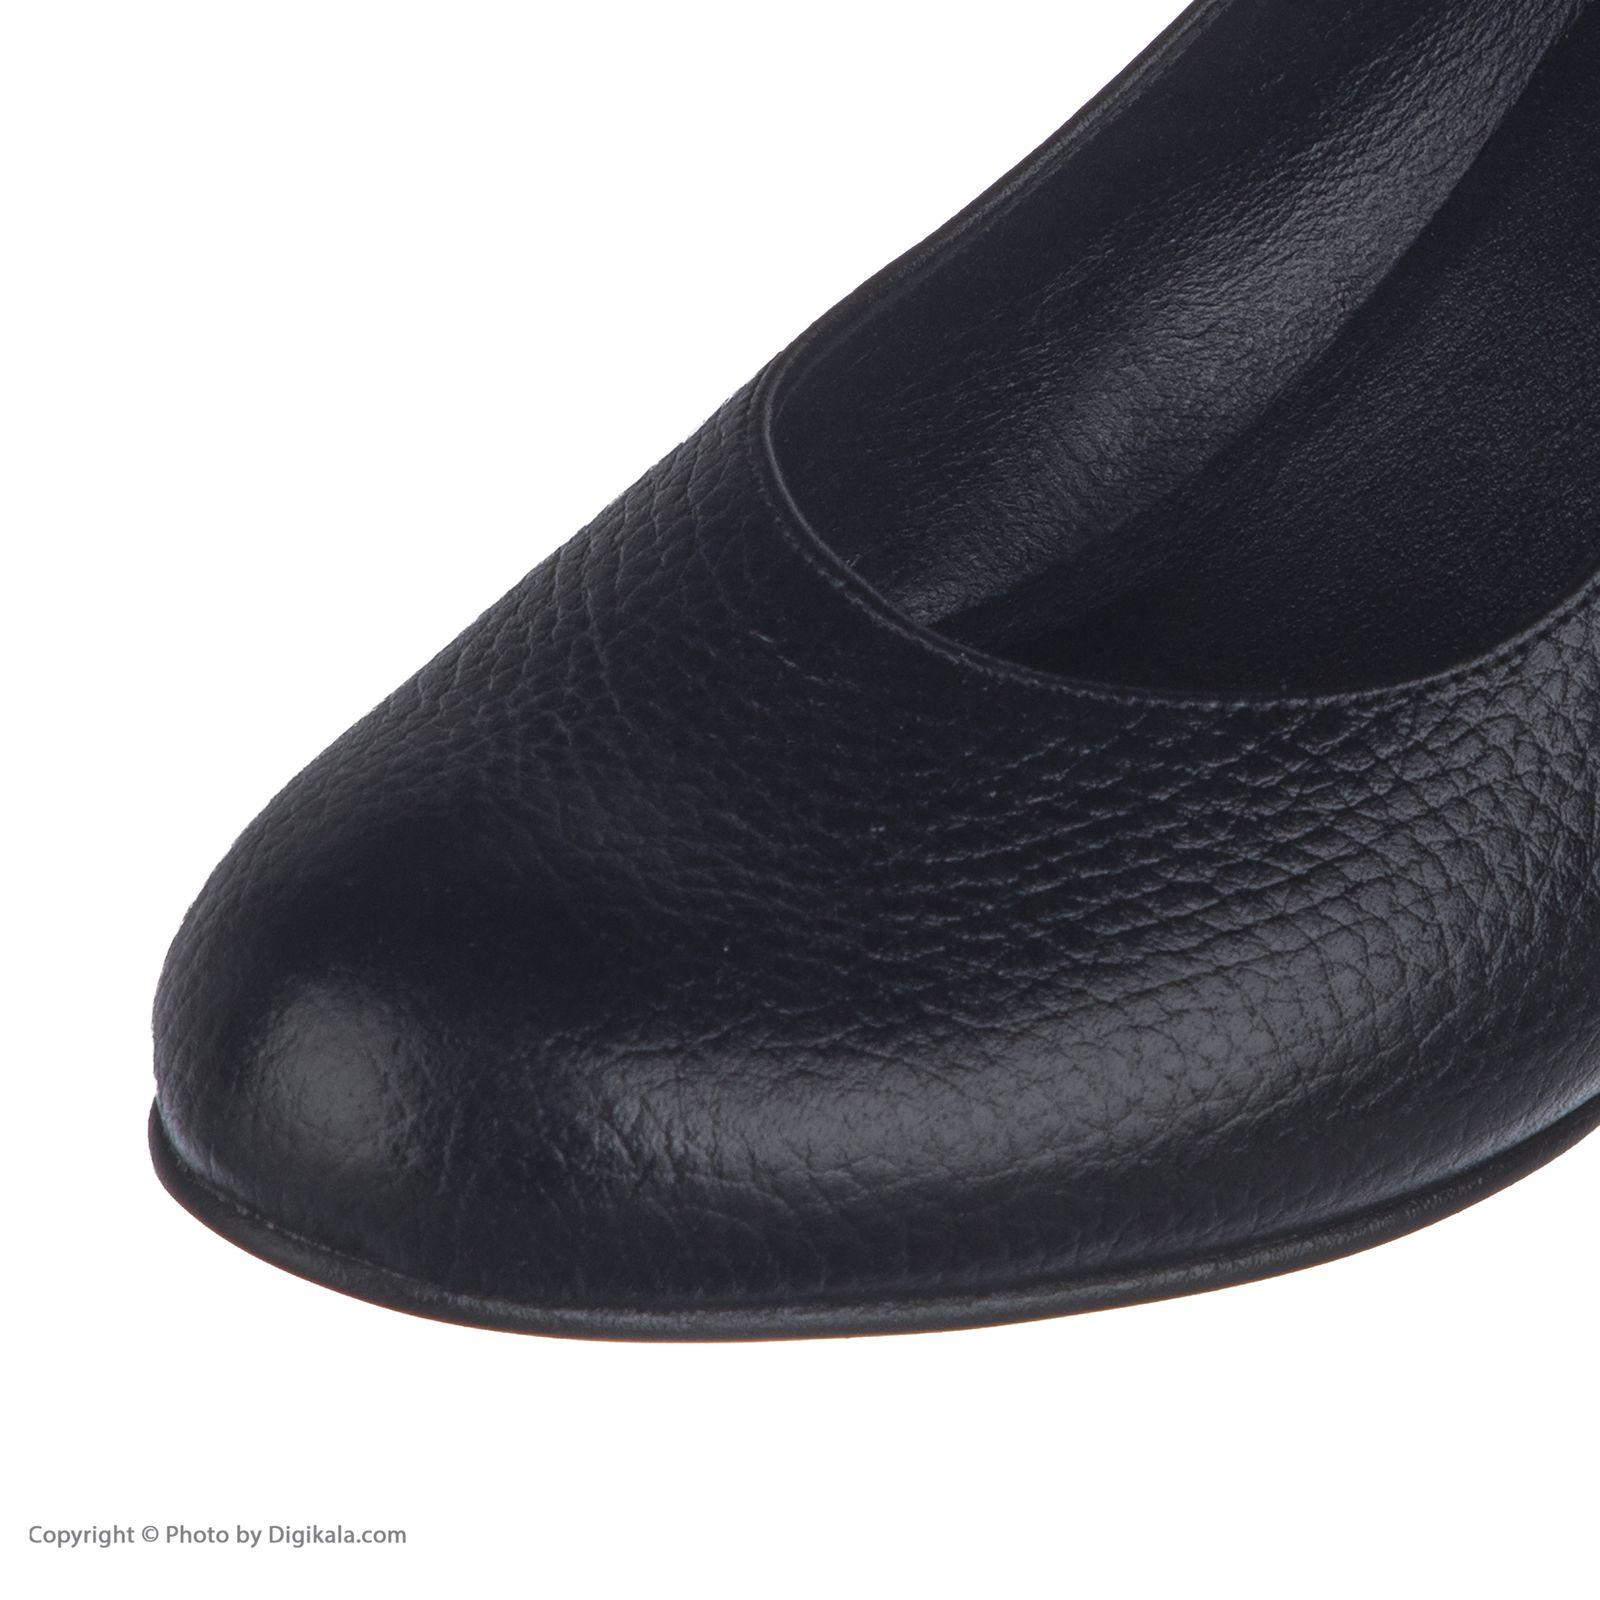 کفش زنانه دلفارد مدل 6394A500101 -  - 7